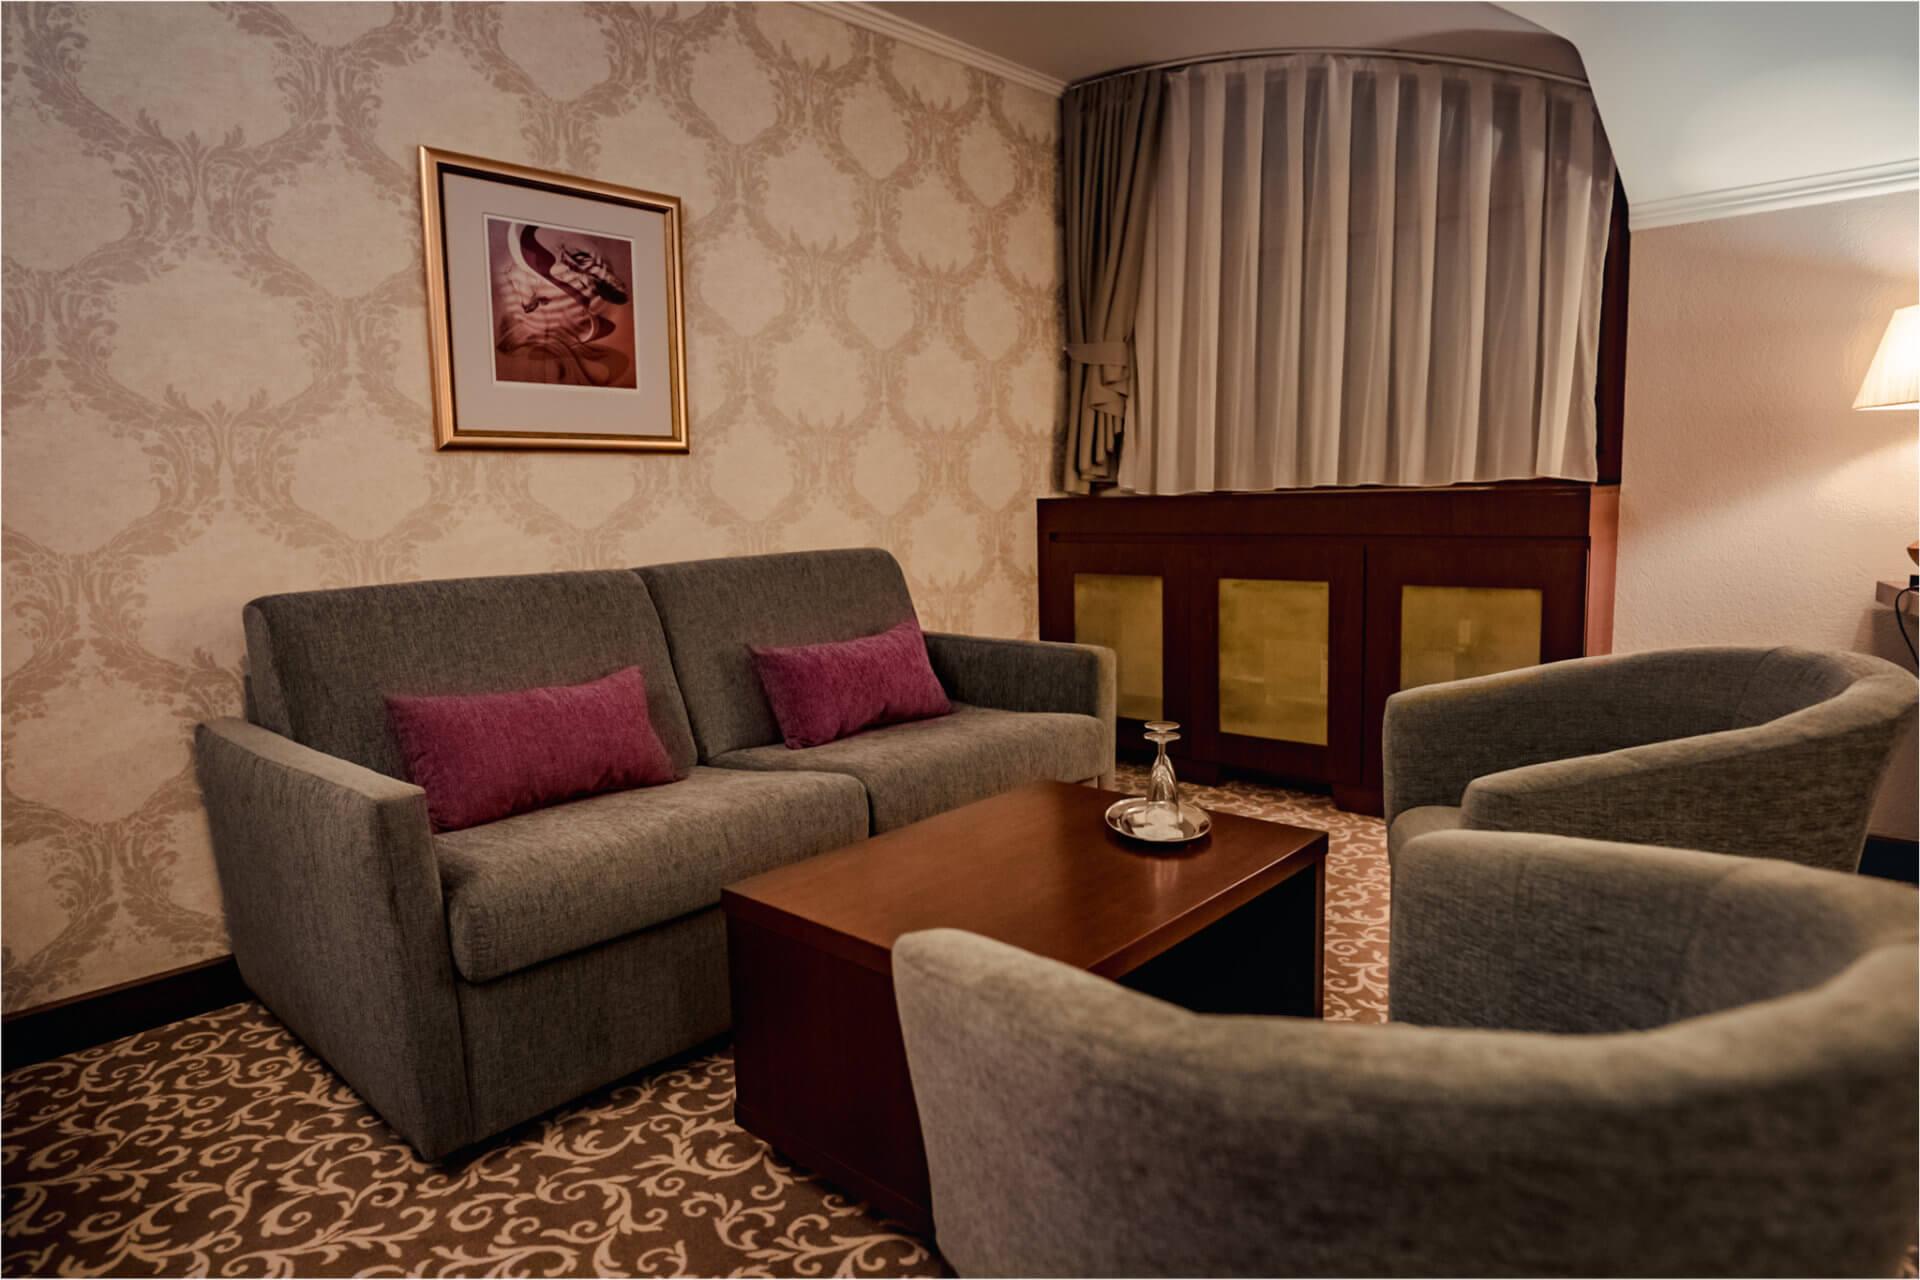 1-room suite in Lux design